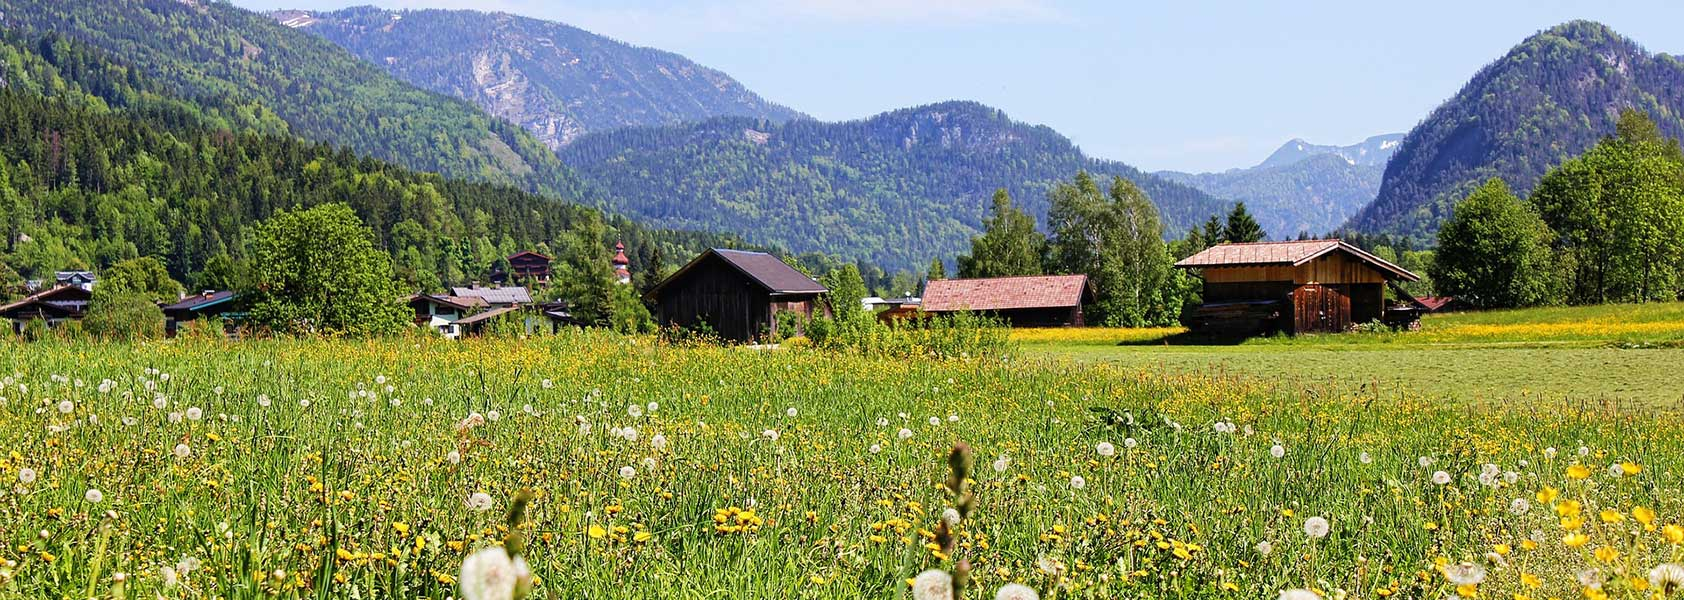 Oostenrijk | Fietsen over de Tauernroute